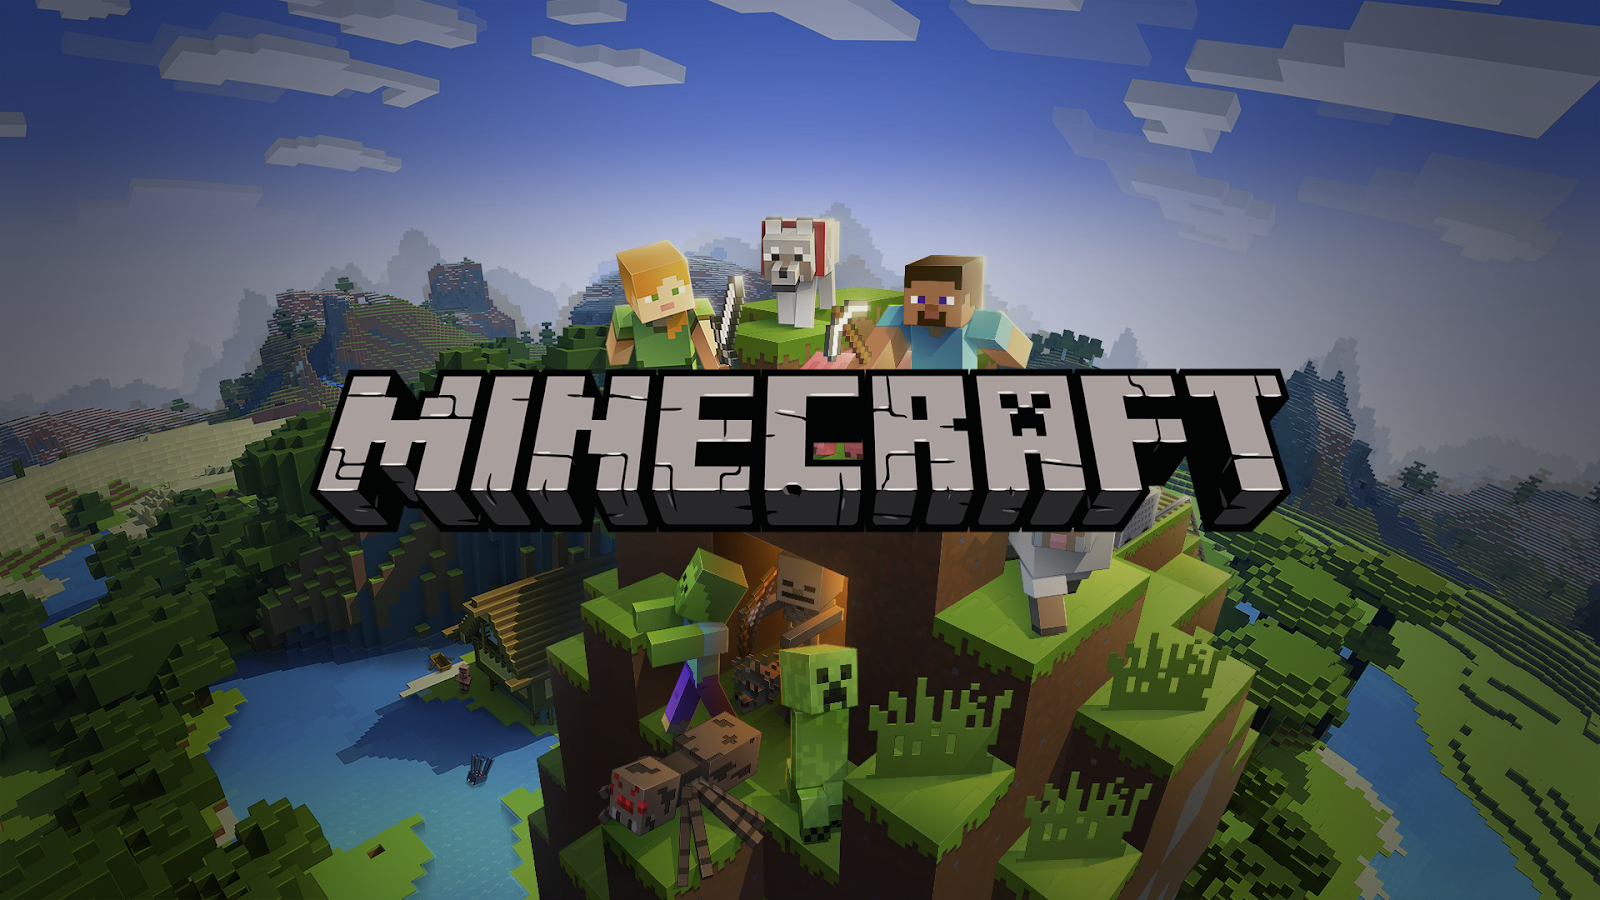 تحميل لعبة ماينكرافت Minecraft